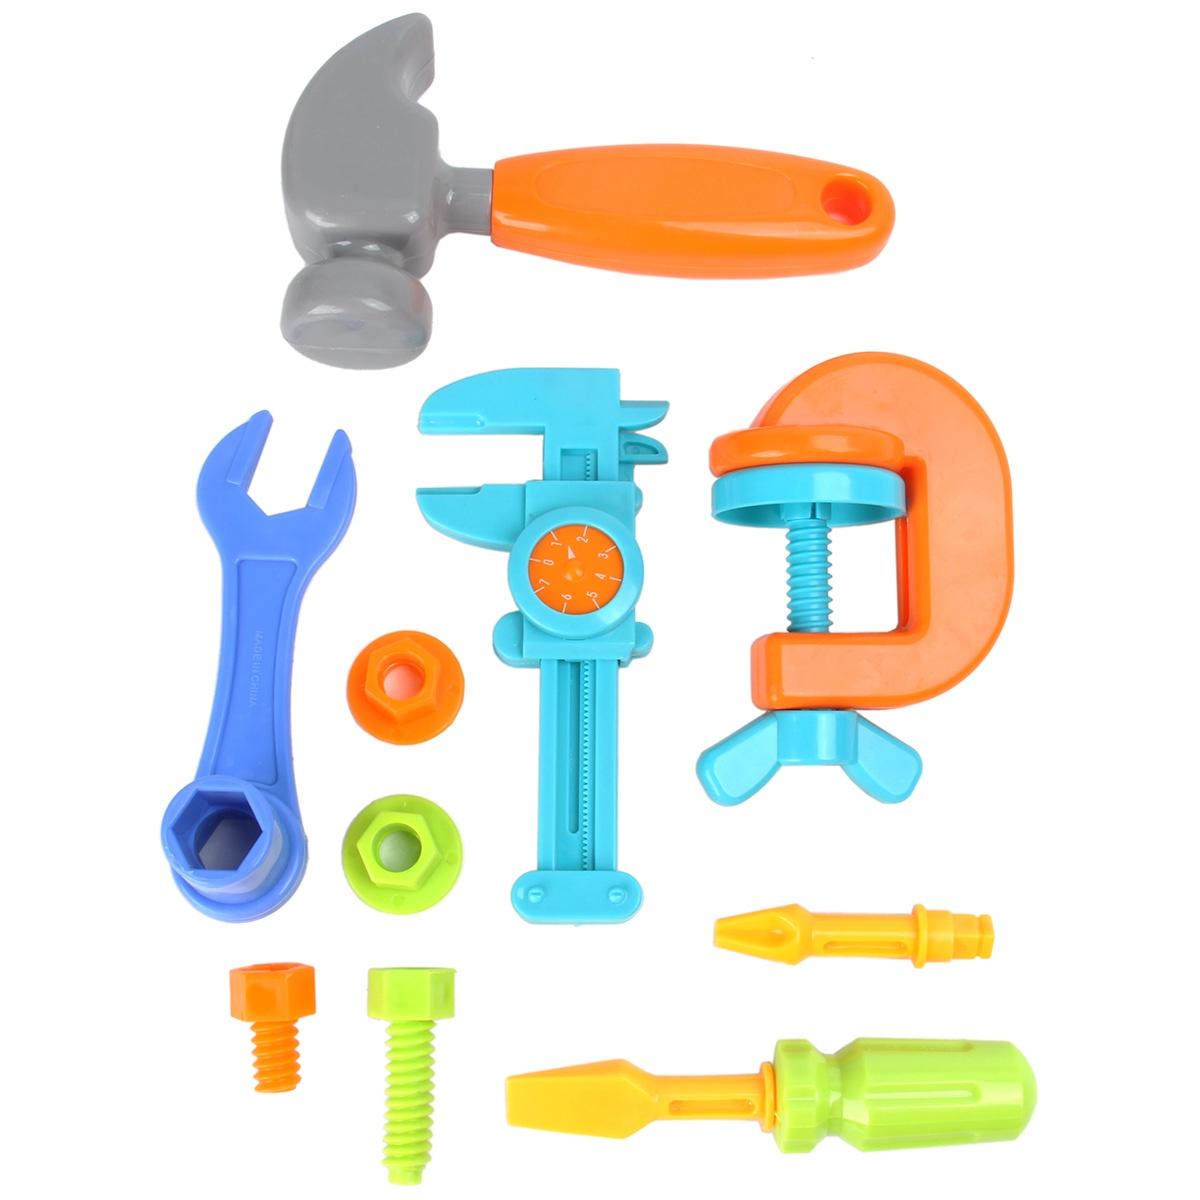 Набор инструментов наборы из фетра в пакете с хедером четырехлистники 11 21136 15